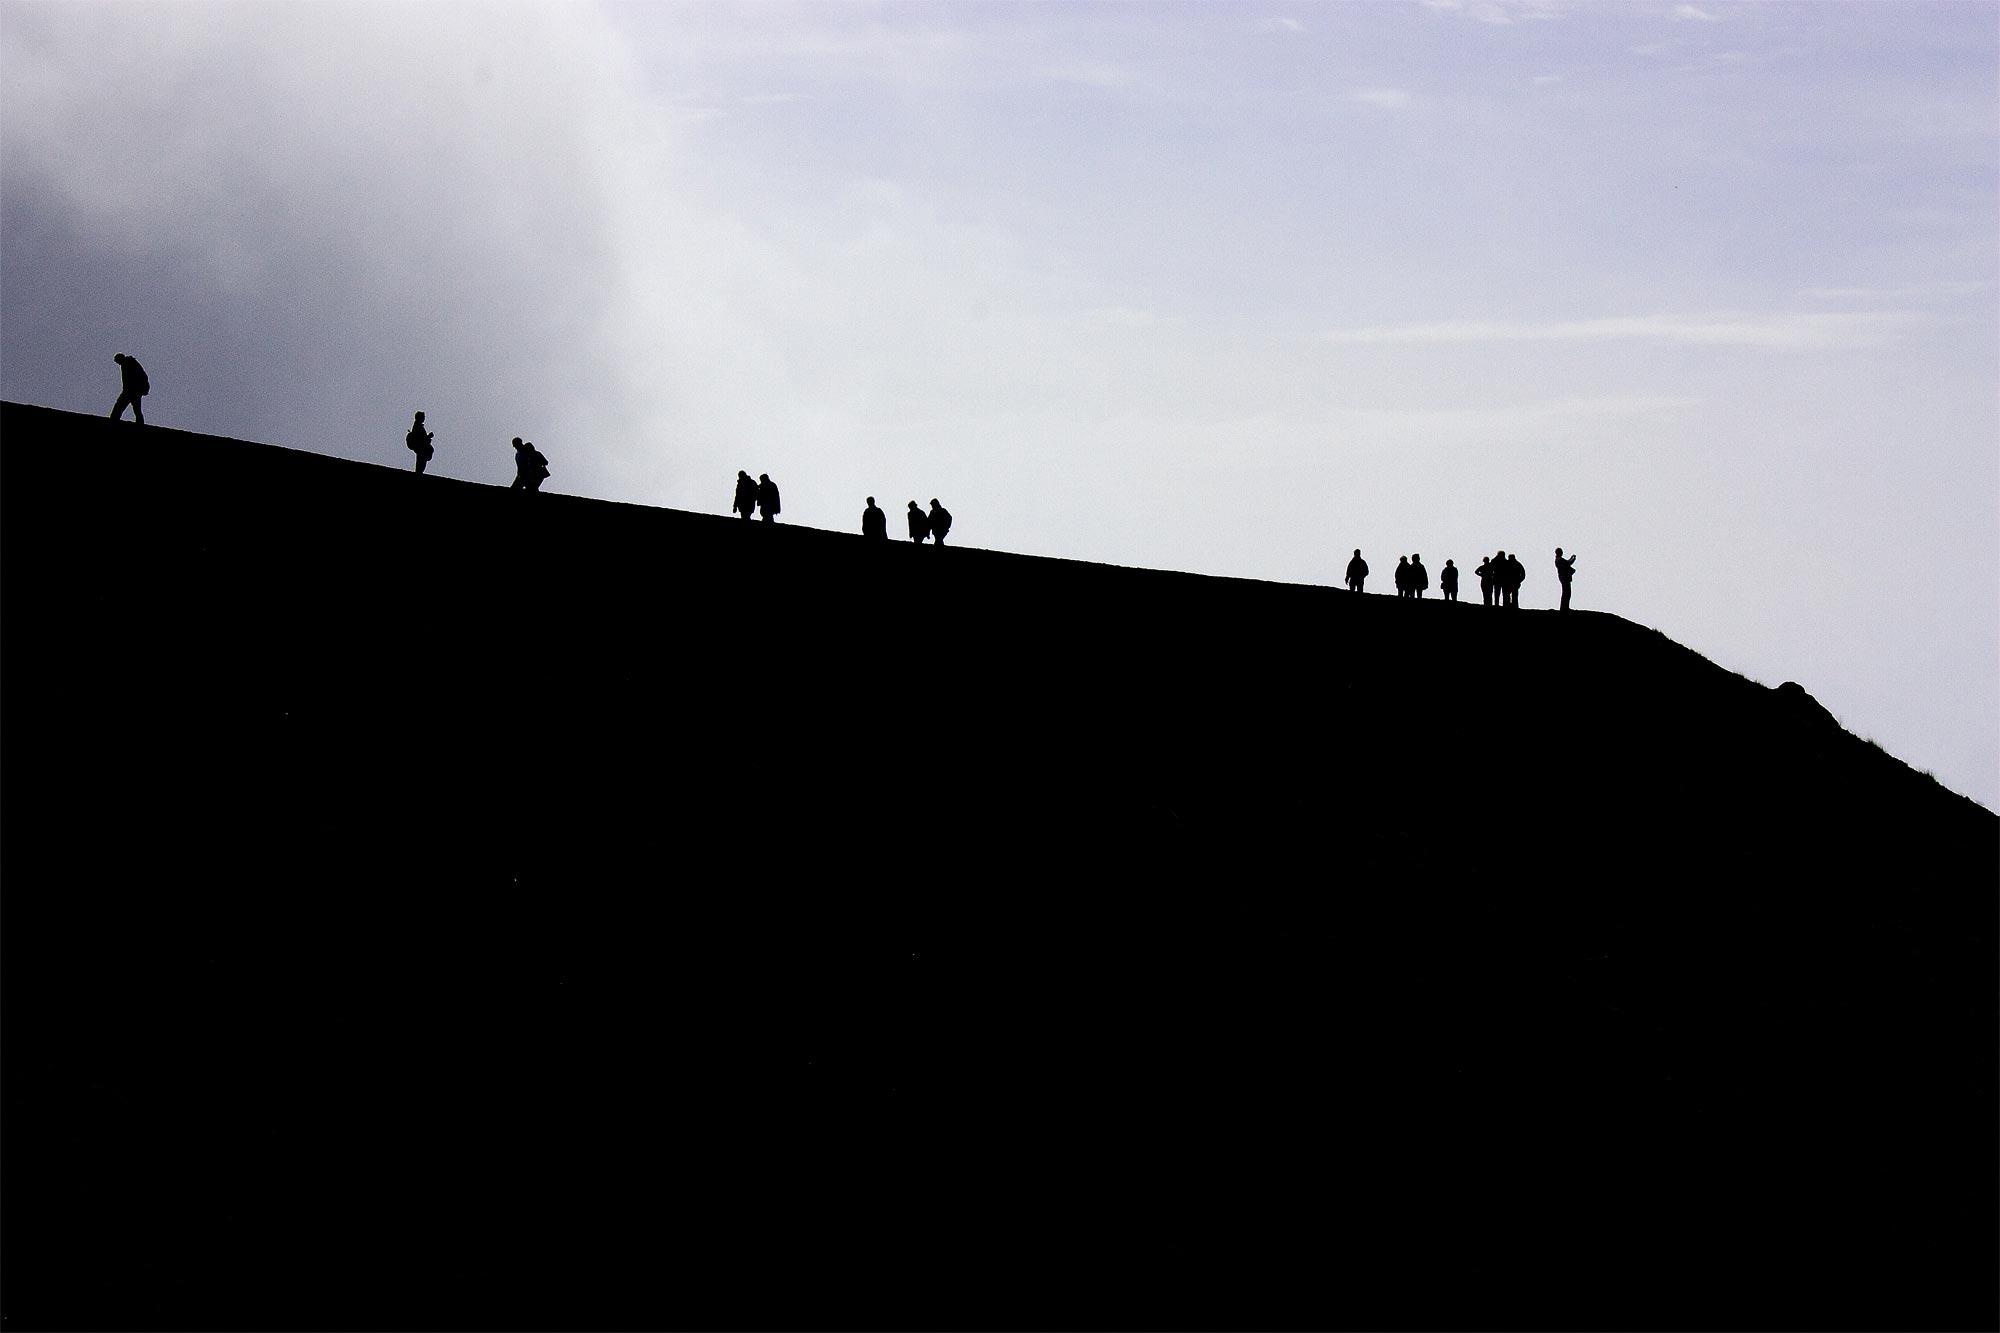 Gegenlichtaufnahme: Menschen am Kraterrand, Aetna, Sizilien